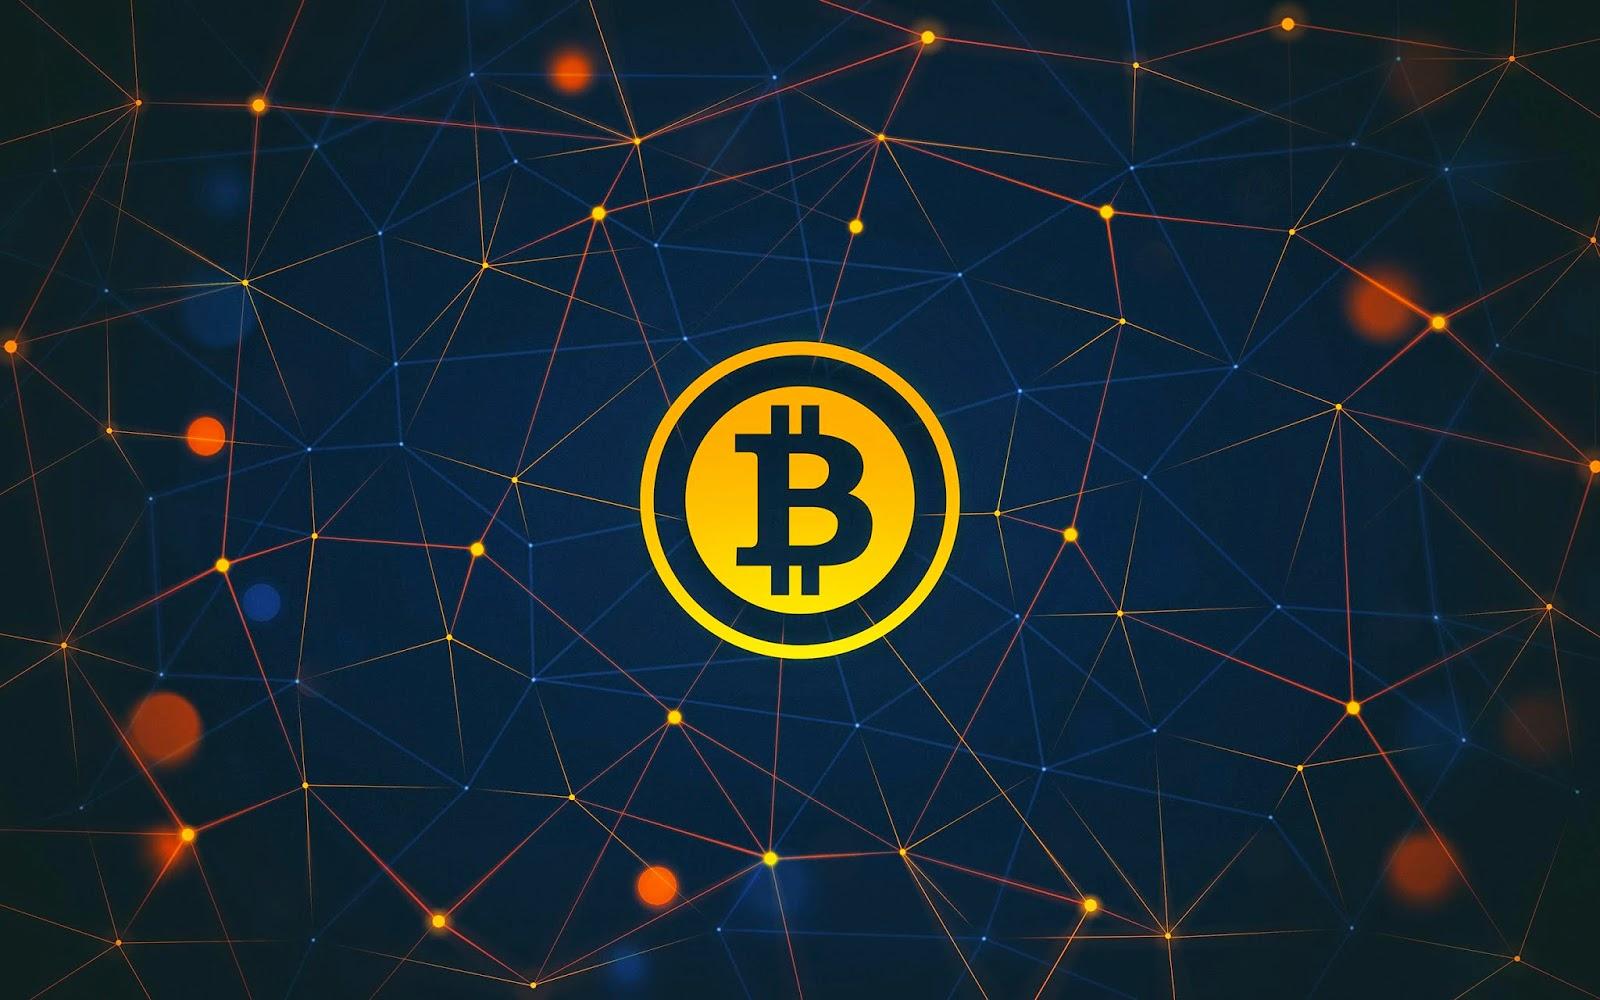 Jak rządy mogą zniszczyć Bitcoina?